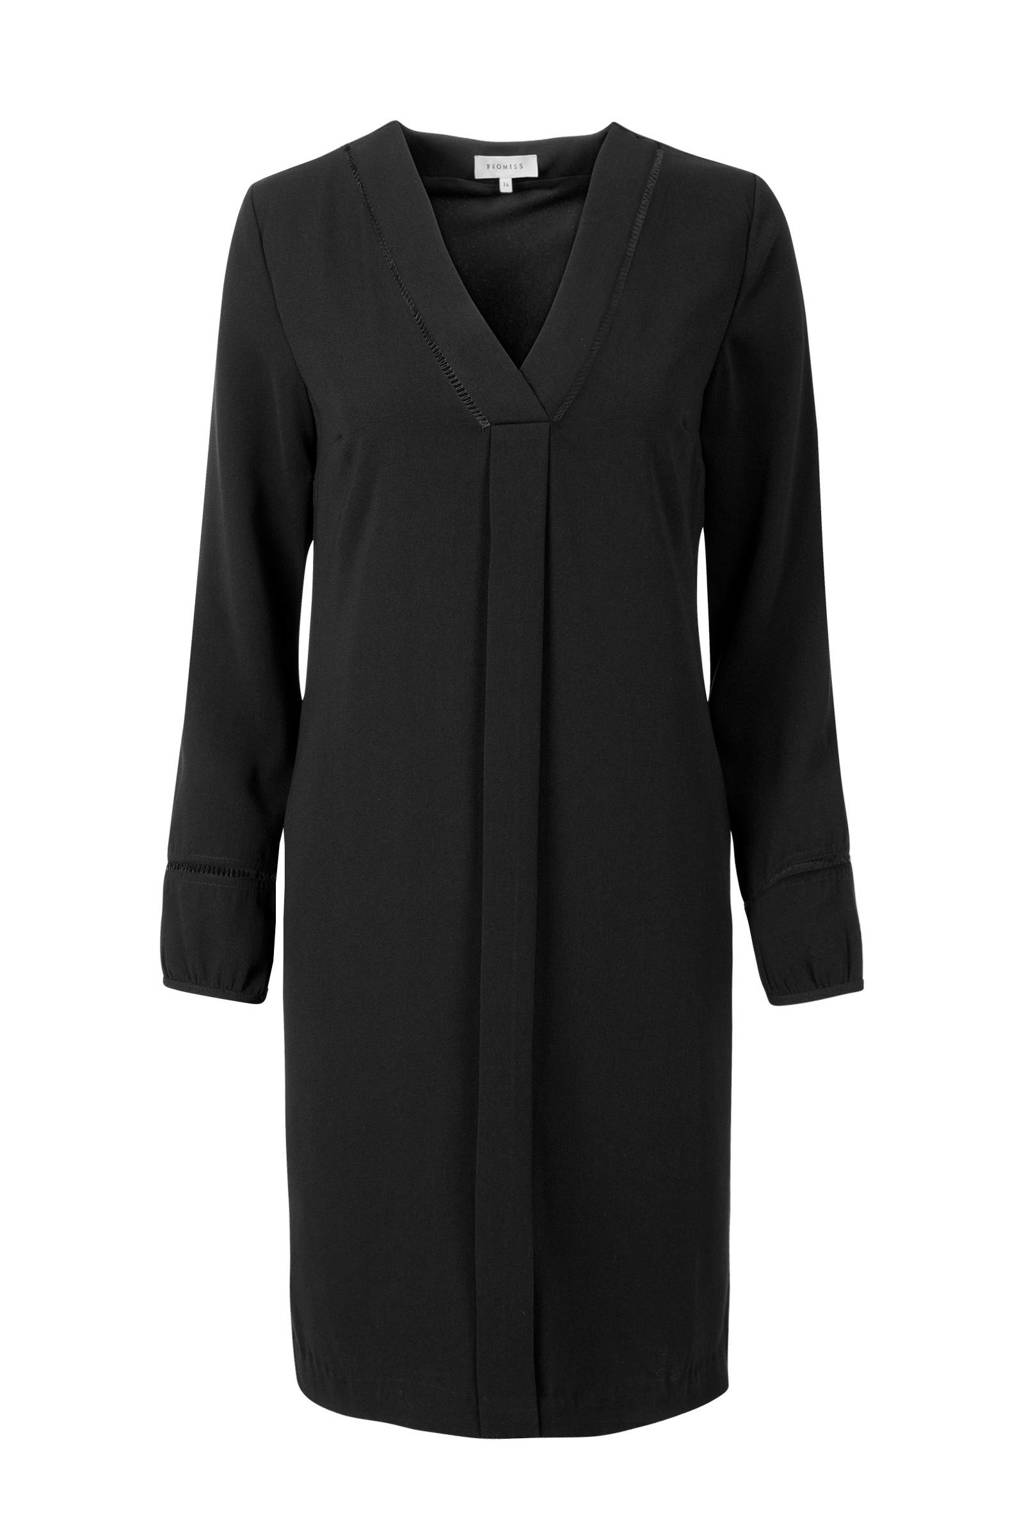 Promiss jurk zwart, Zwart